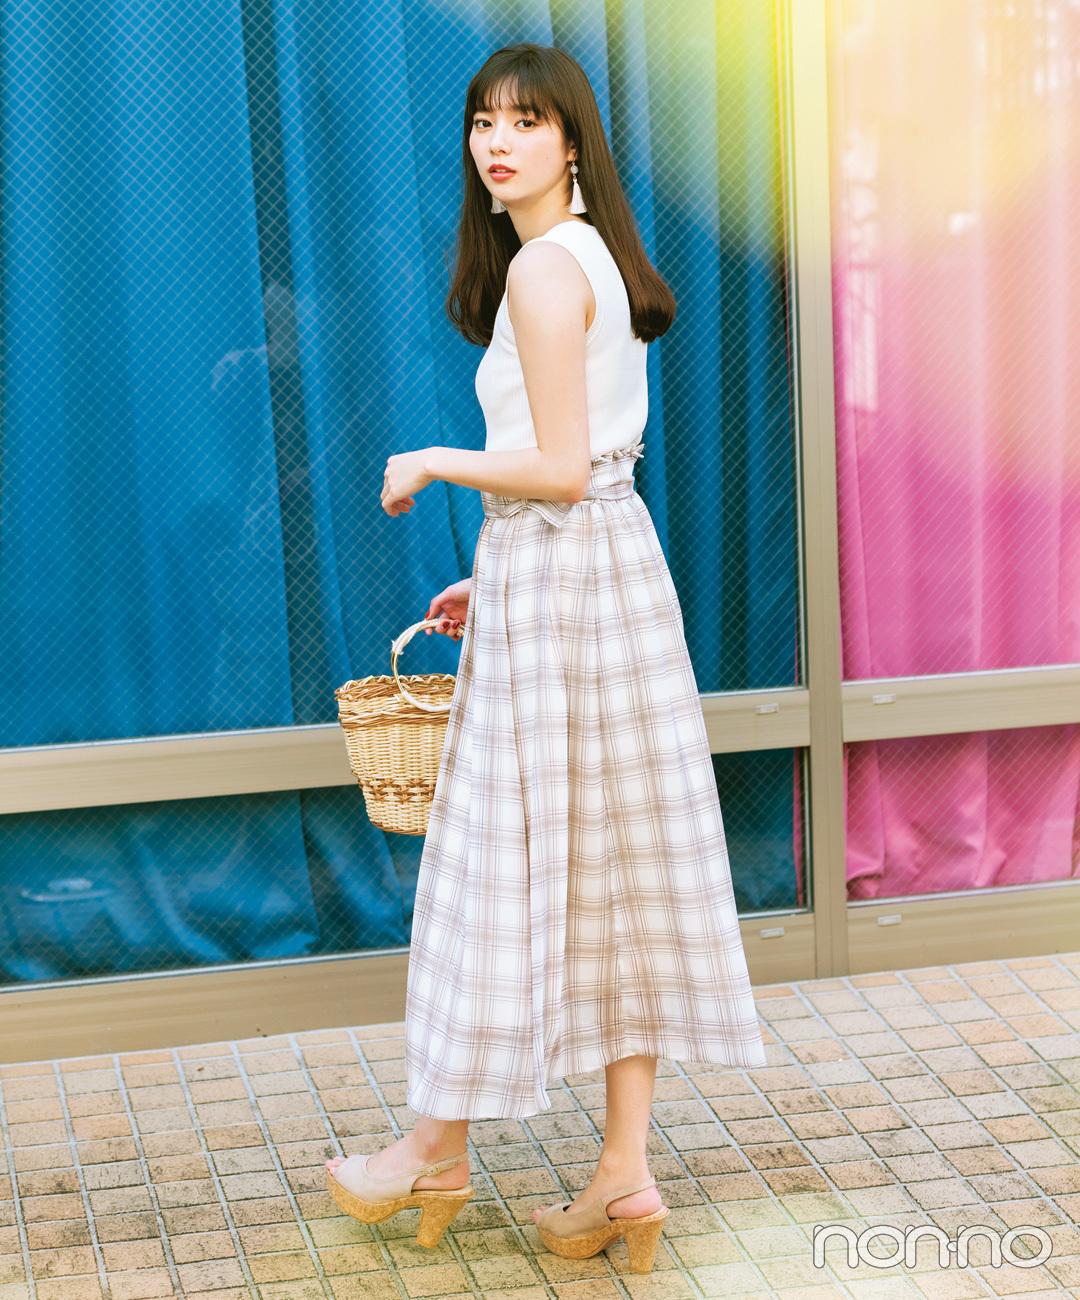 新川優愛は白ノースリとシアーなスカートで涼やかワントーン【毎日コーデ】